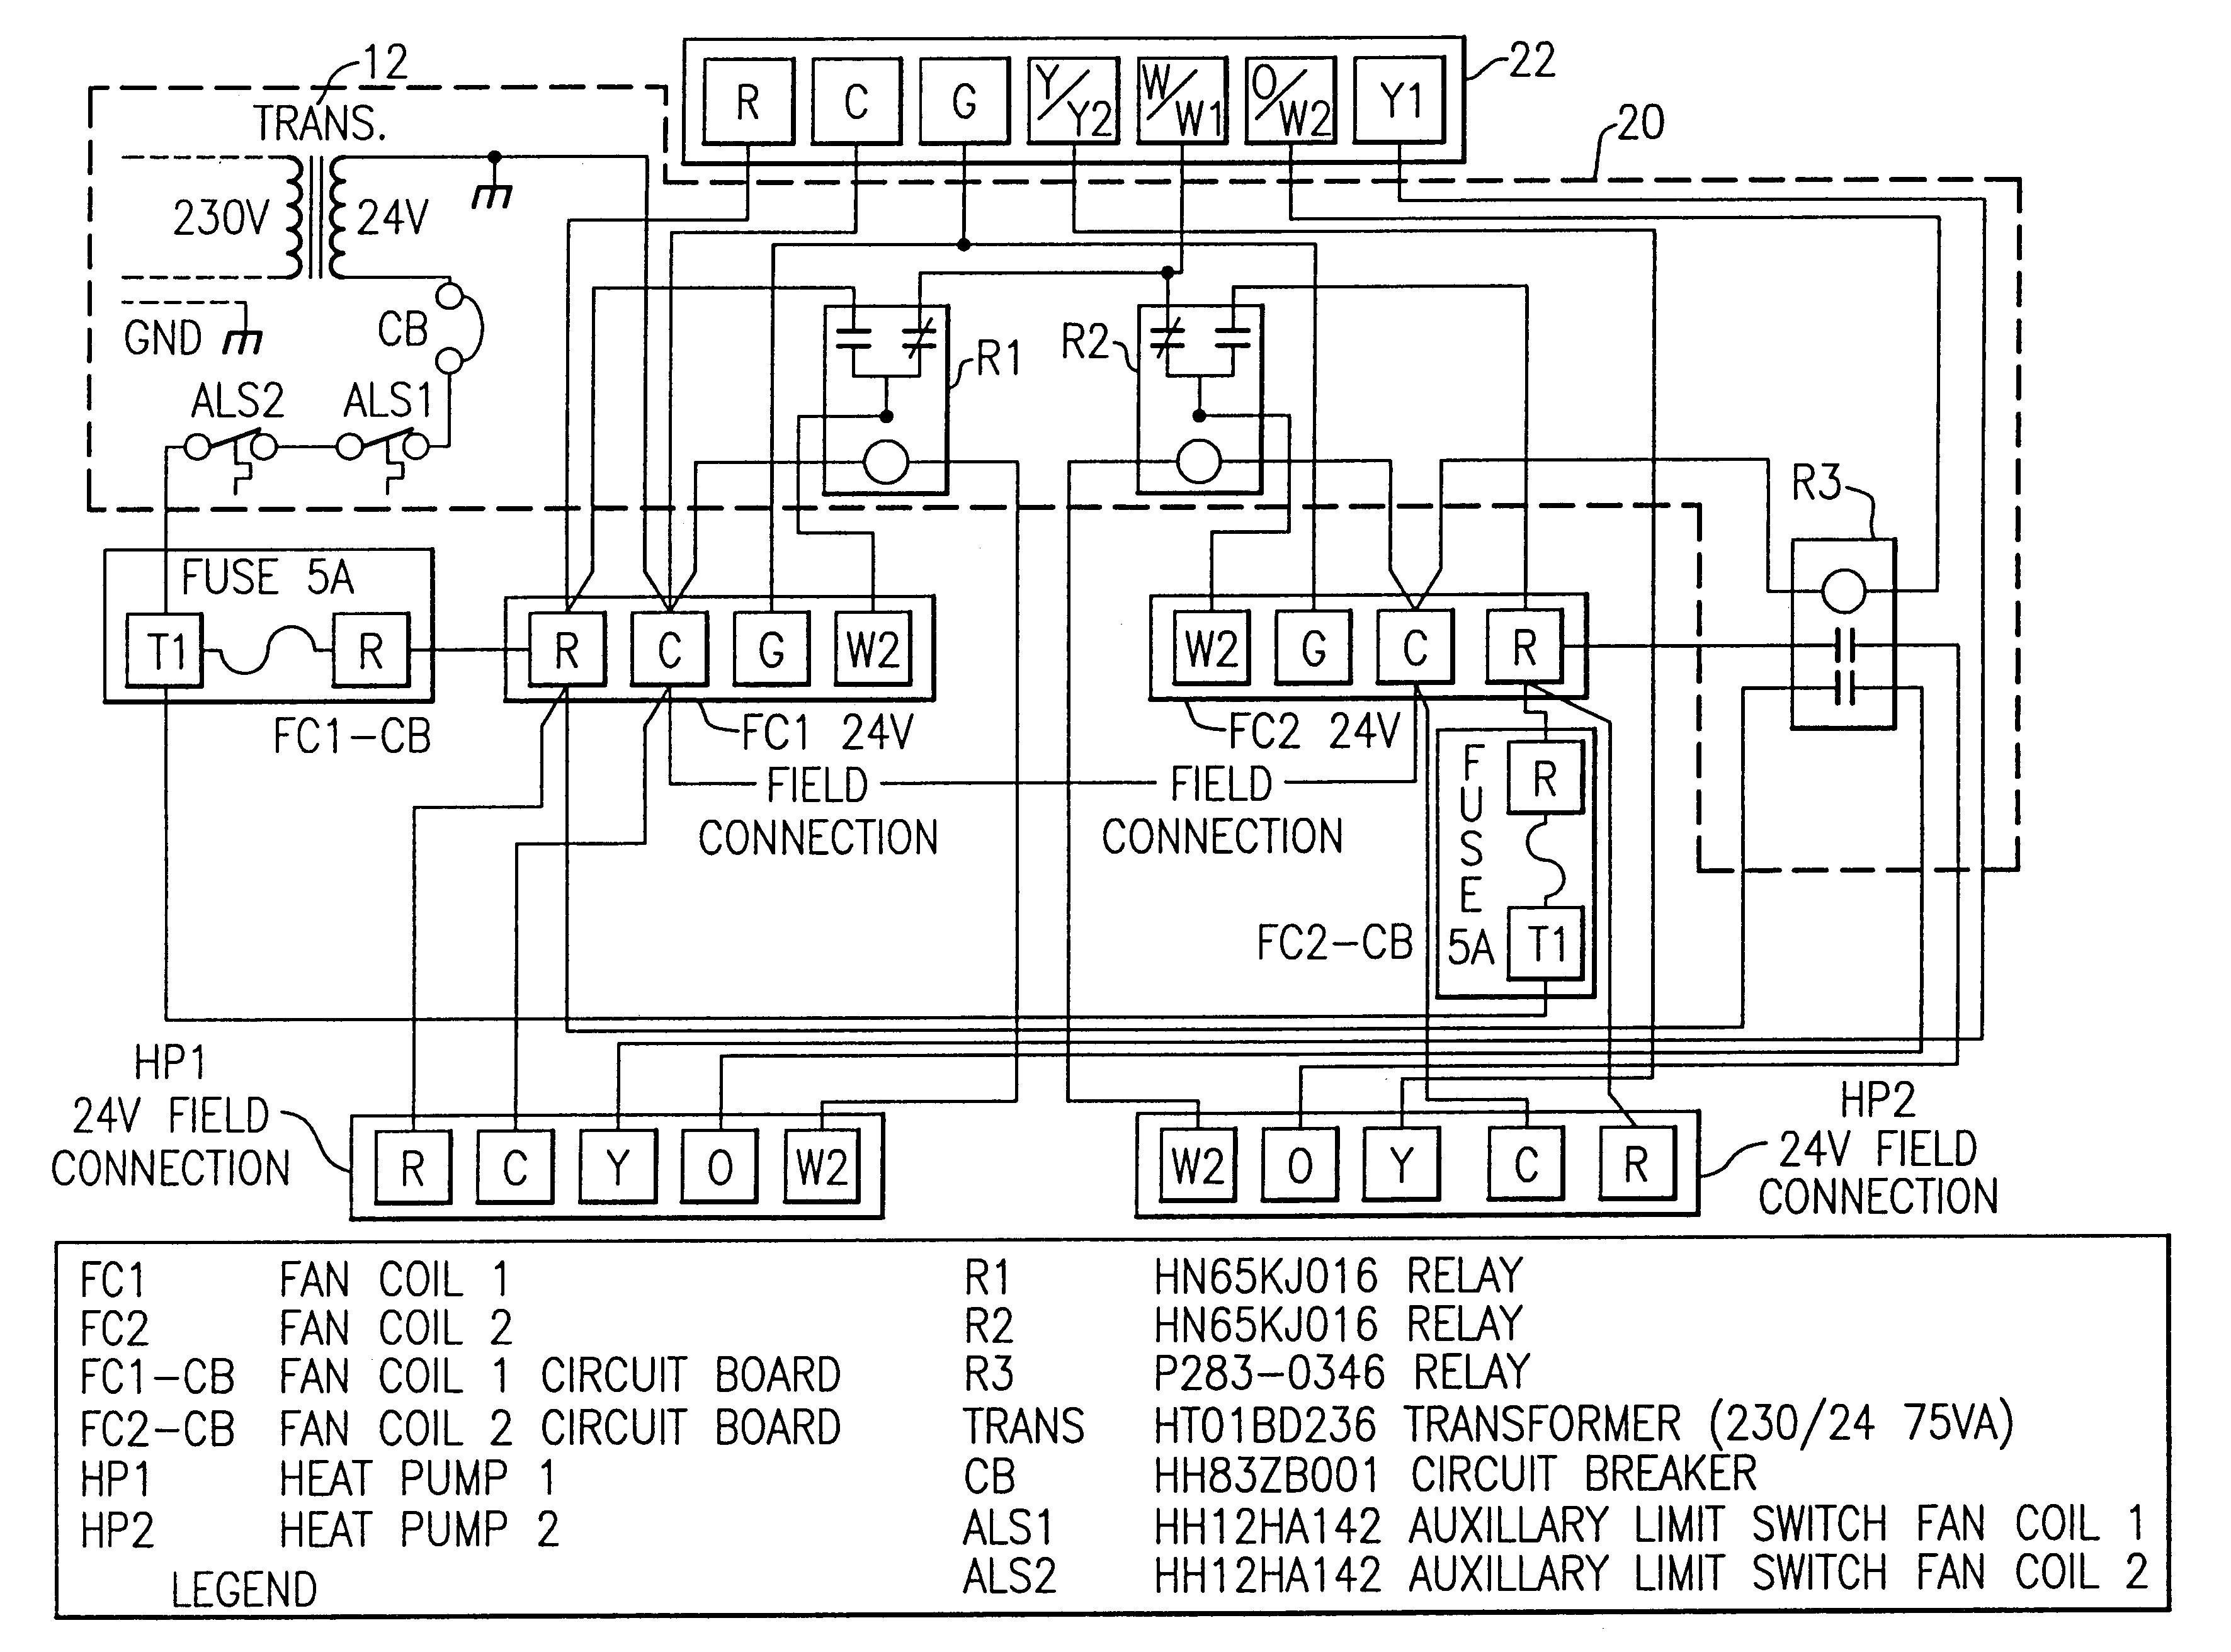 goodman ac wiring diagram awesome inspirational electric heat strip wiring diagram diagram of goodman ac wiring diagram wiring diagram for a 15kw electric heat kit